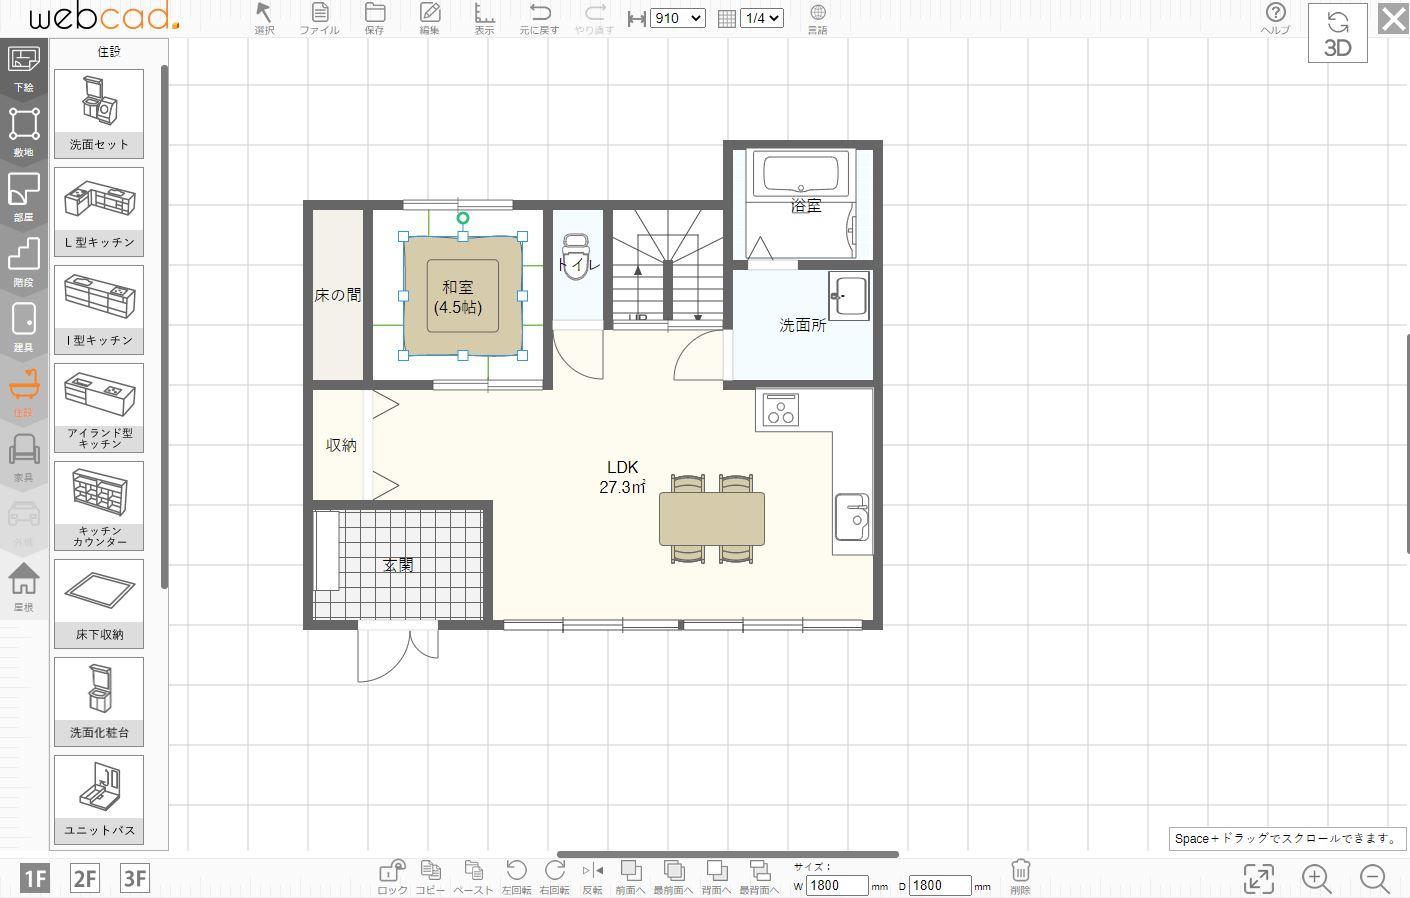 マイホームクラウド 家具や設備の配置